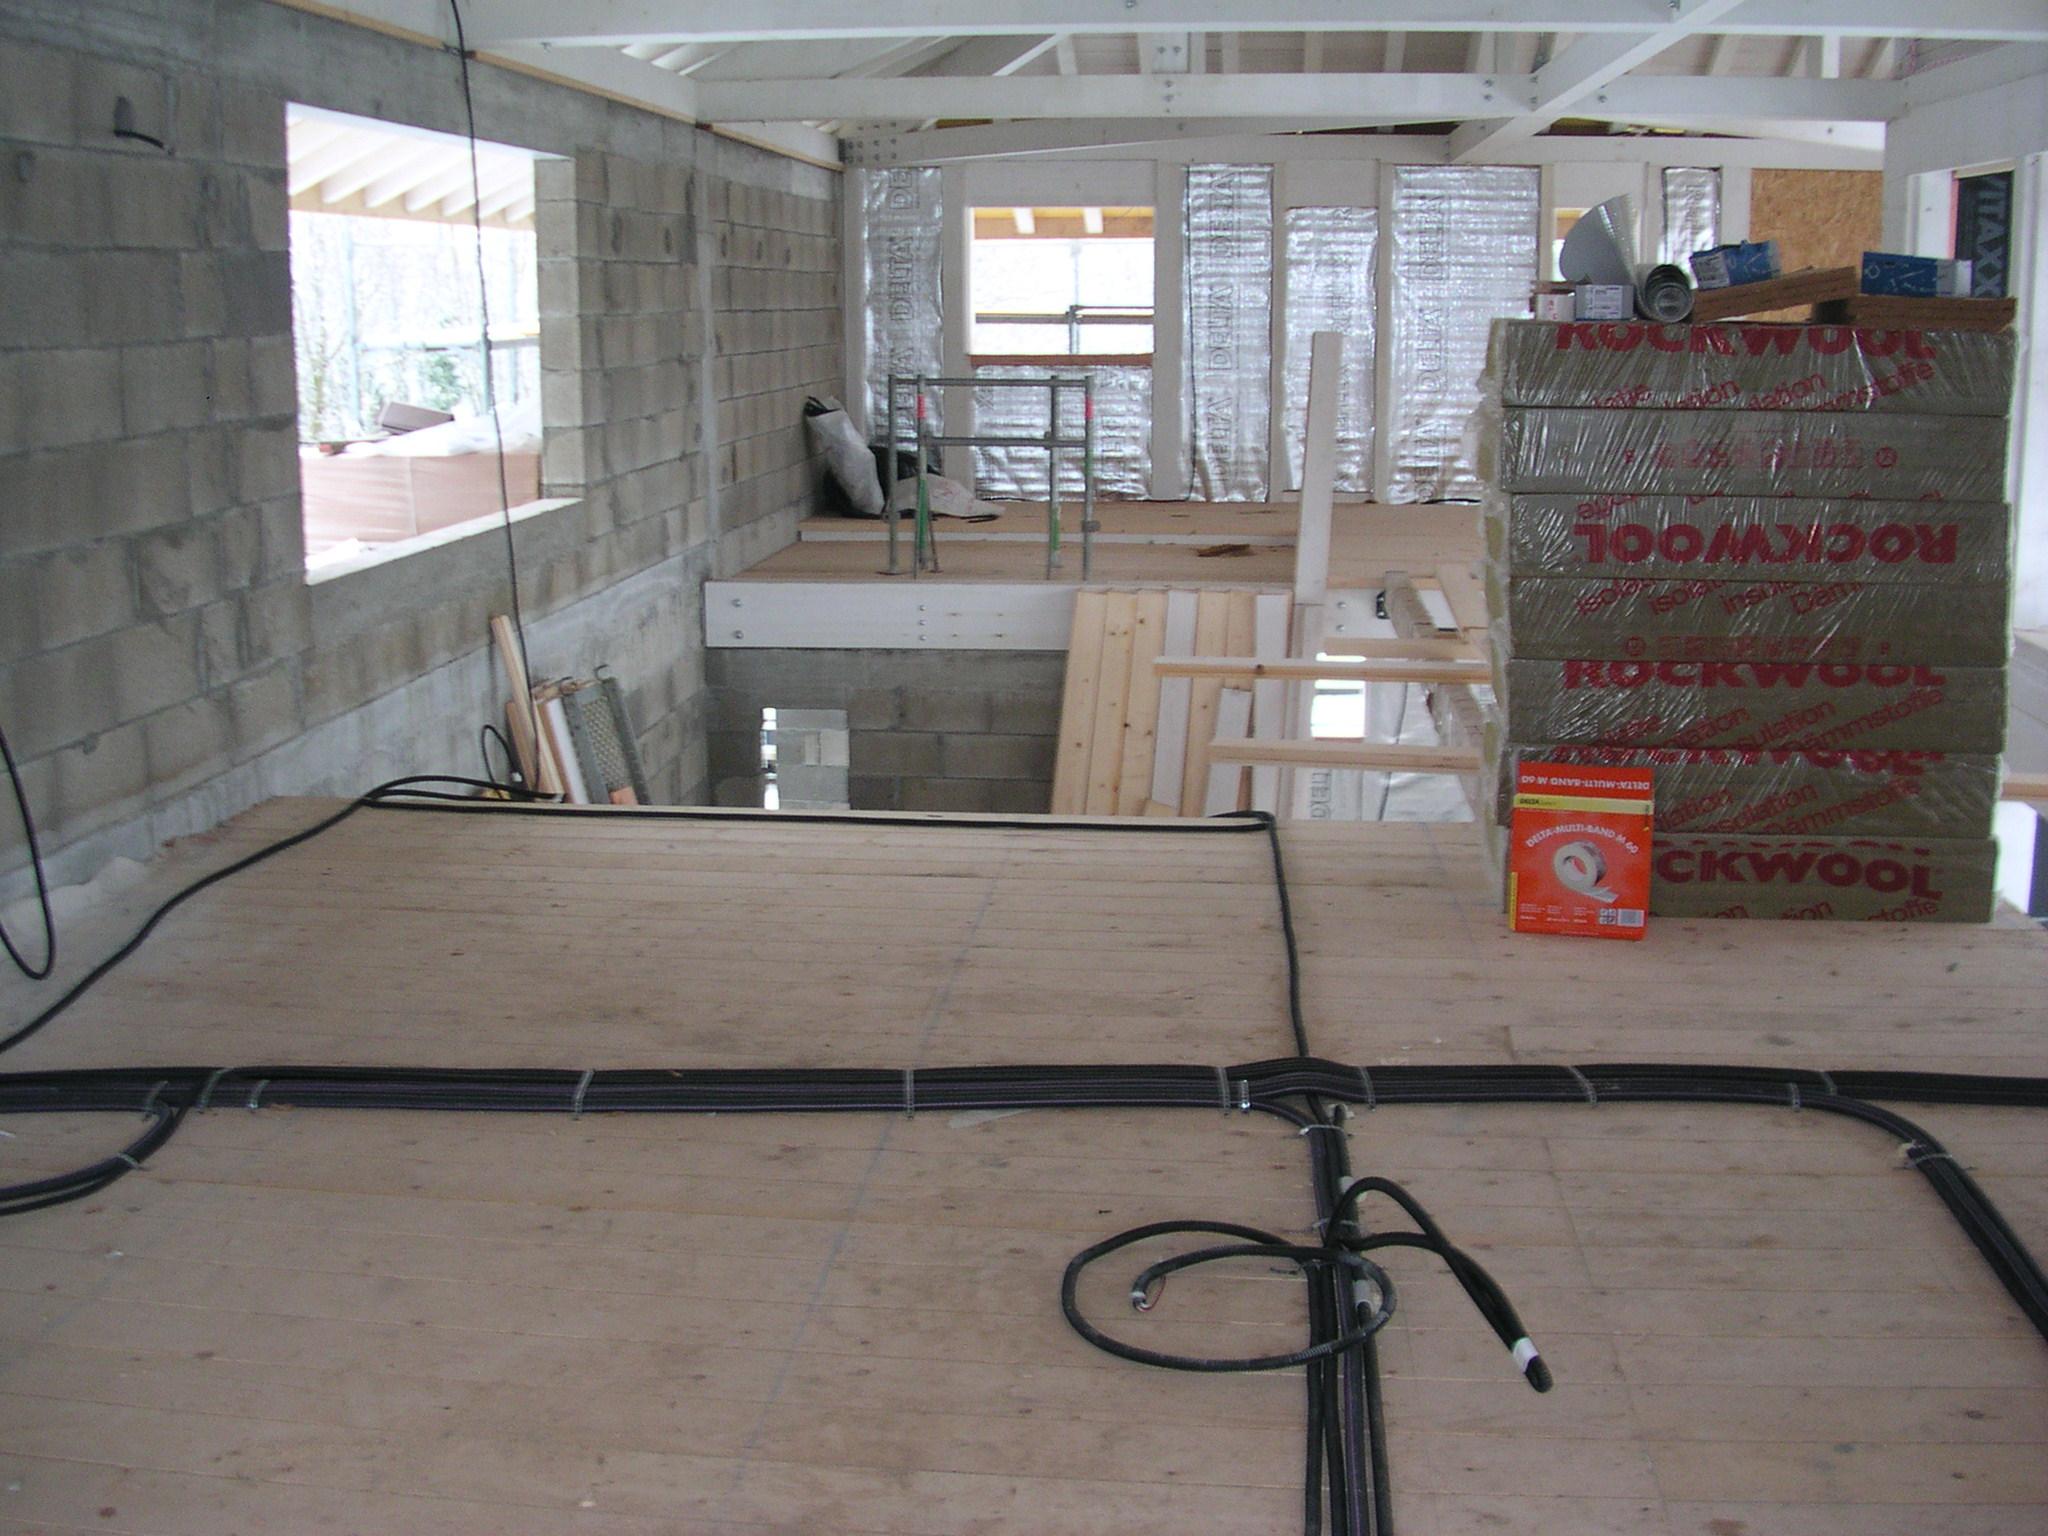 chantier maison electricien lyon - Renovation Installation Electrique Maison